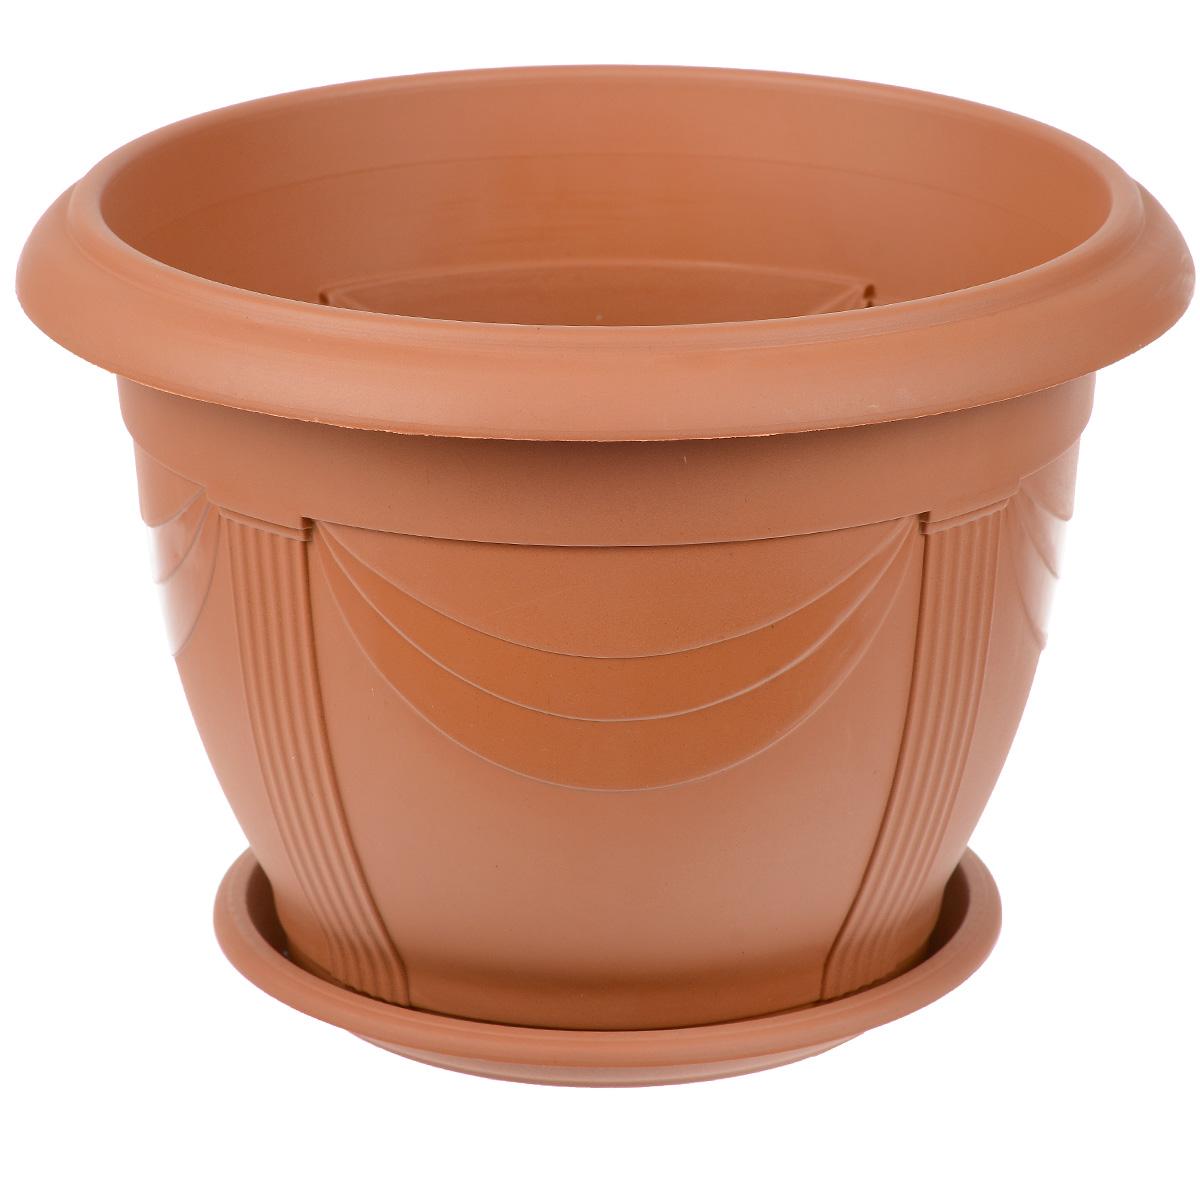 Кашпо Ludu Флора, с поддоном, диаметр 36 смХТ3705вывКашпо Ludu Флора изготовлено из высококачественного пластика. Специальный поддон предназначен для стока воды. Изделие прекрасно подходит для выращивания растений и цветов в домашних условиях. Лаконичный дизайн впишется в интерьер любого помещения.